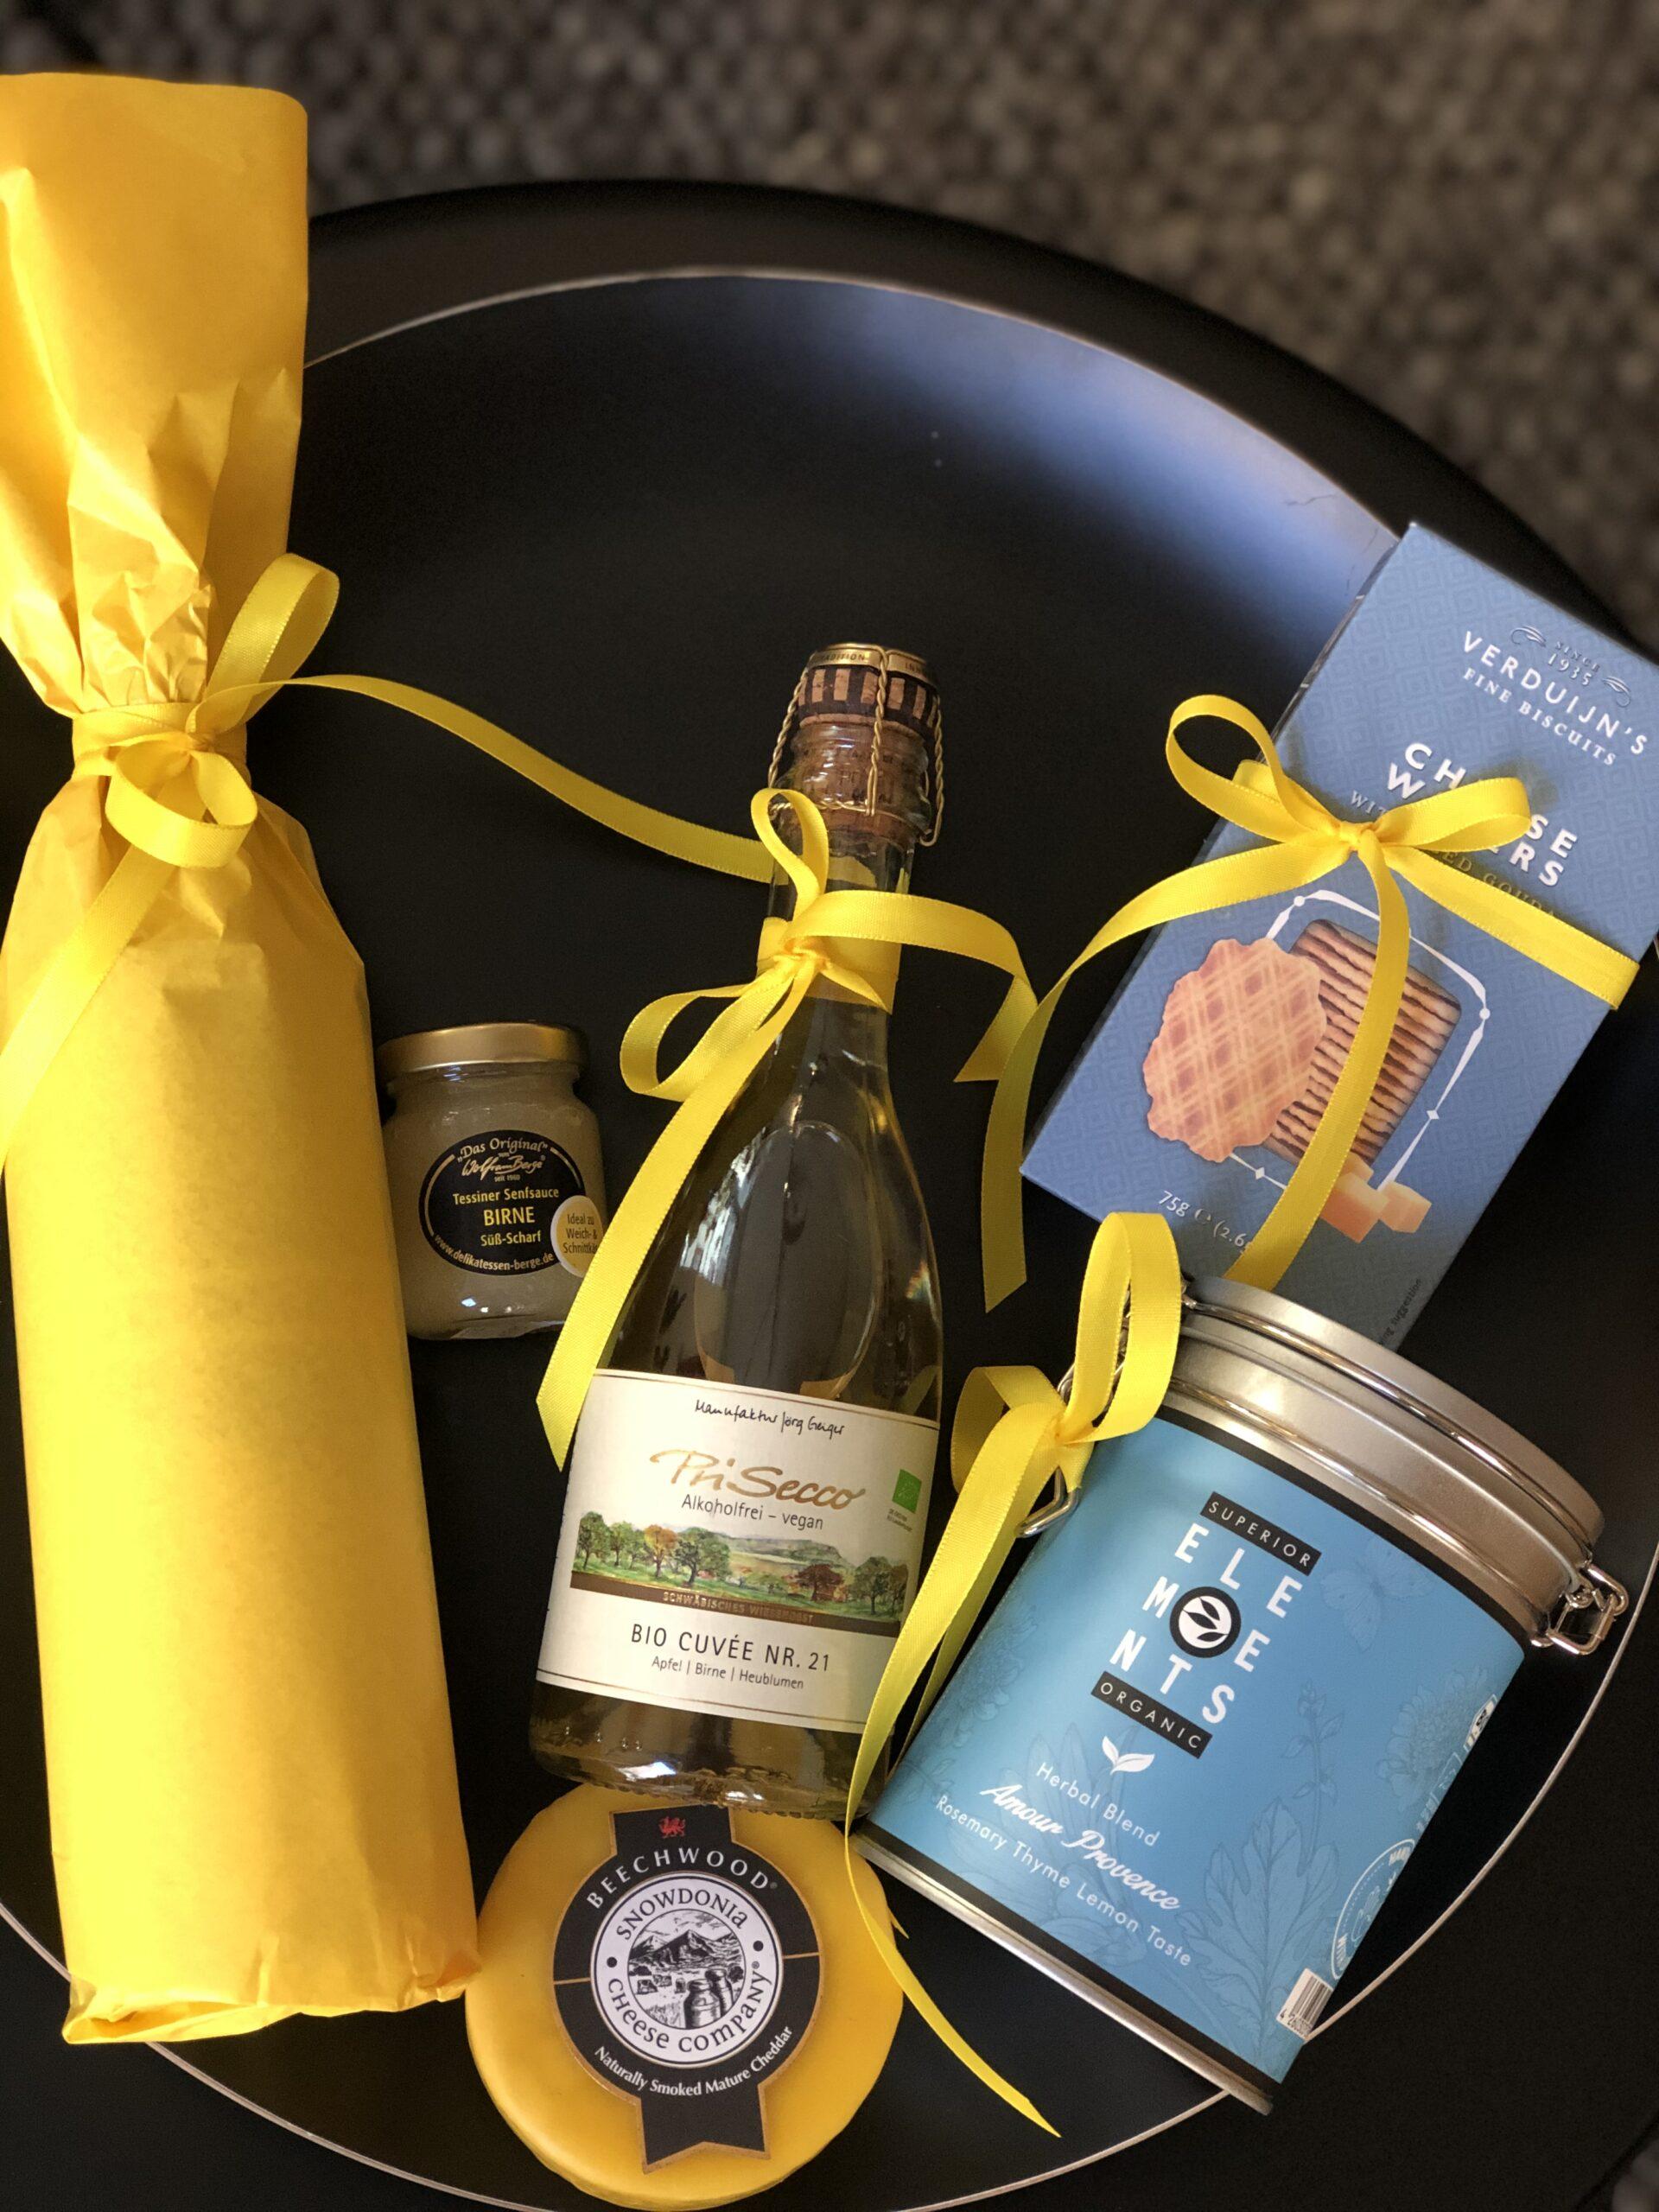 Geschenkkorb bestehend aus Prisecco, Cheddar-Käse, Tessiner Senf, Waffelgebäck